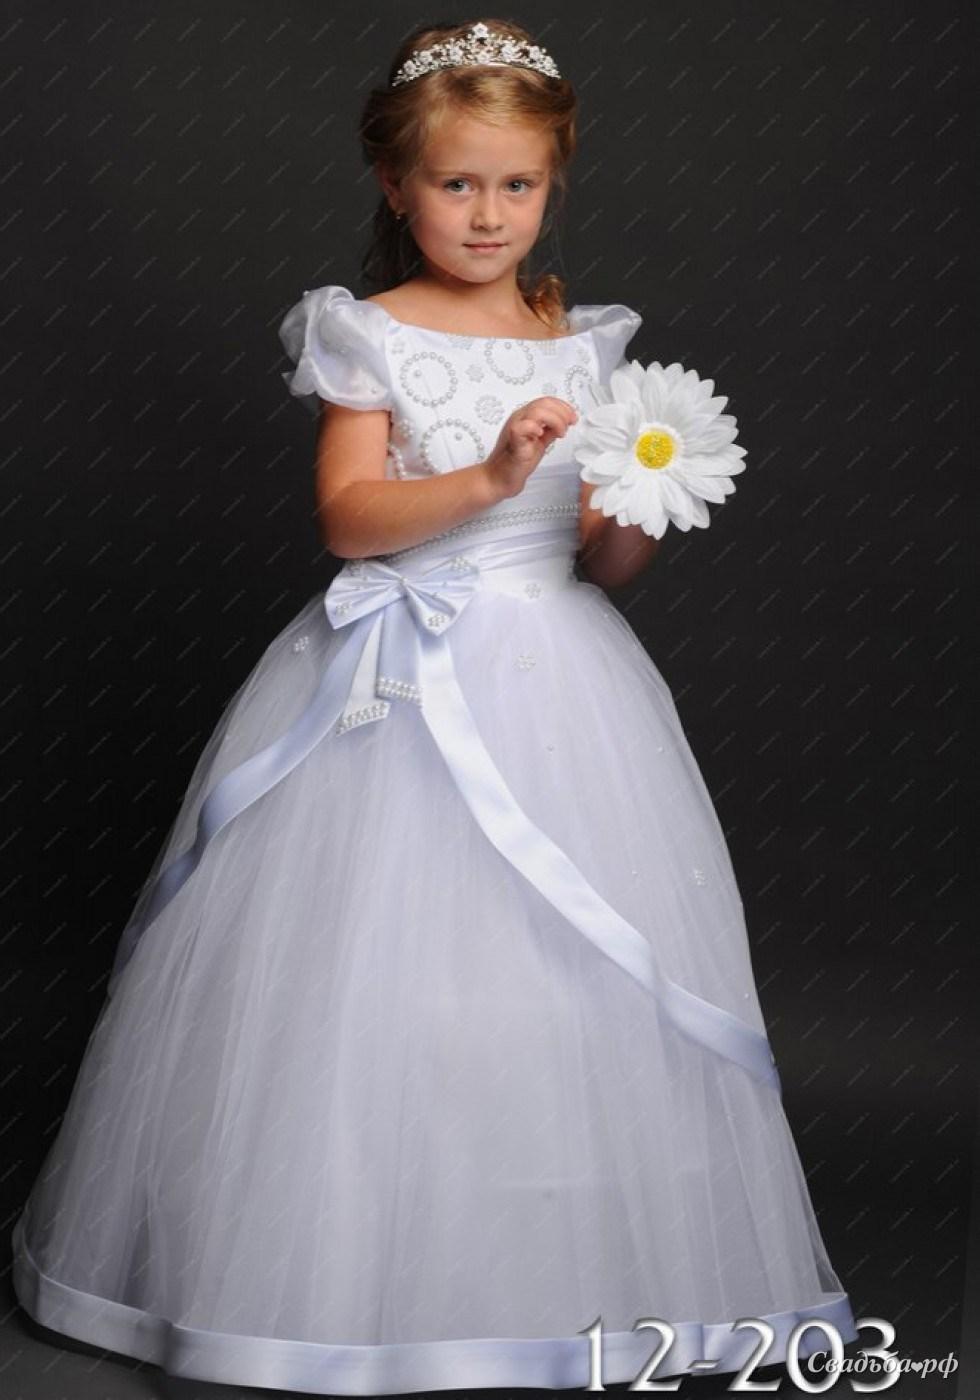 Платье на выпускной в детский сад украсить своими руками